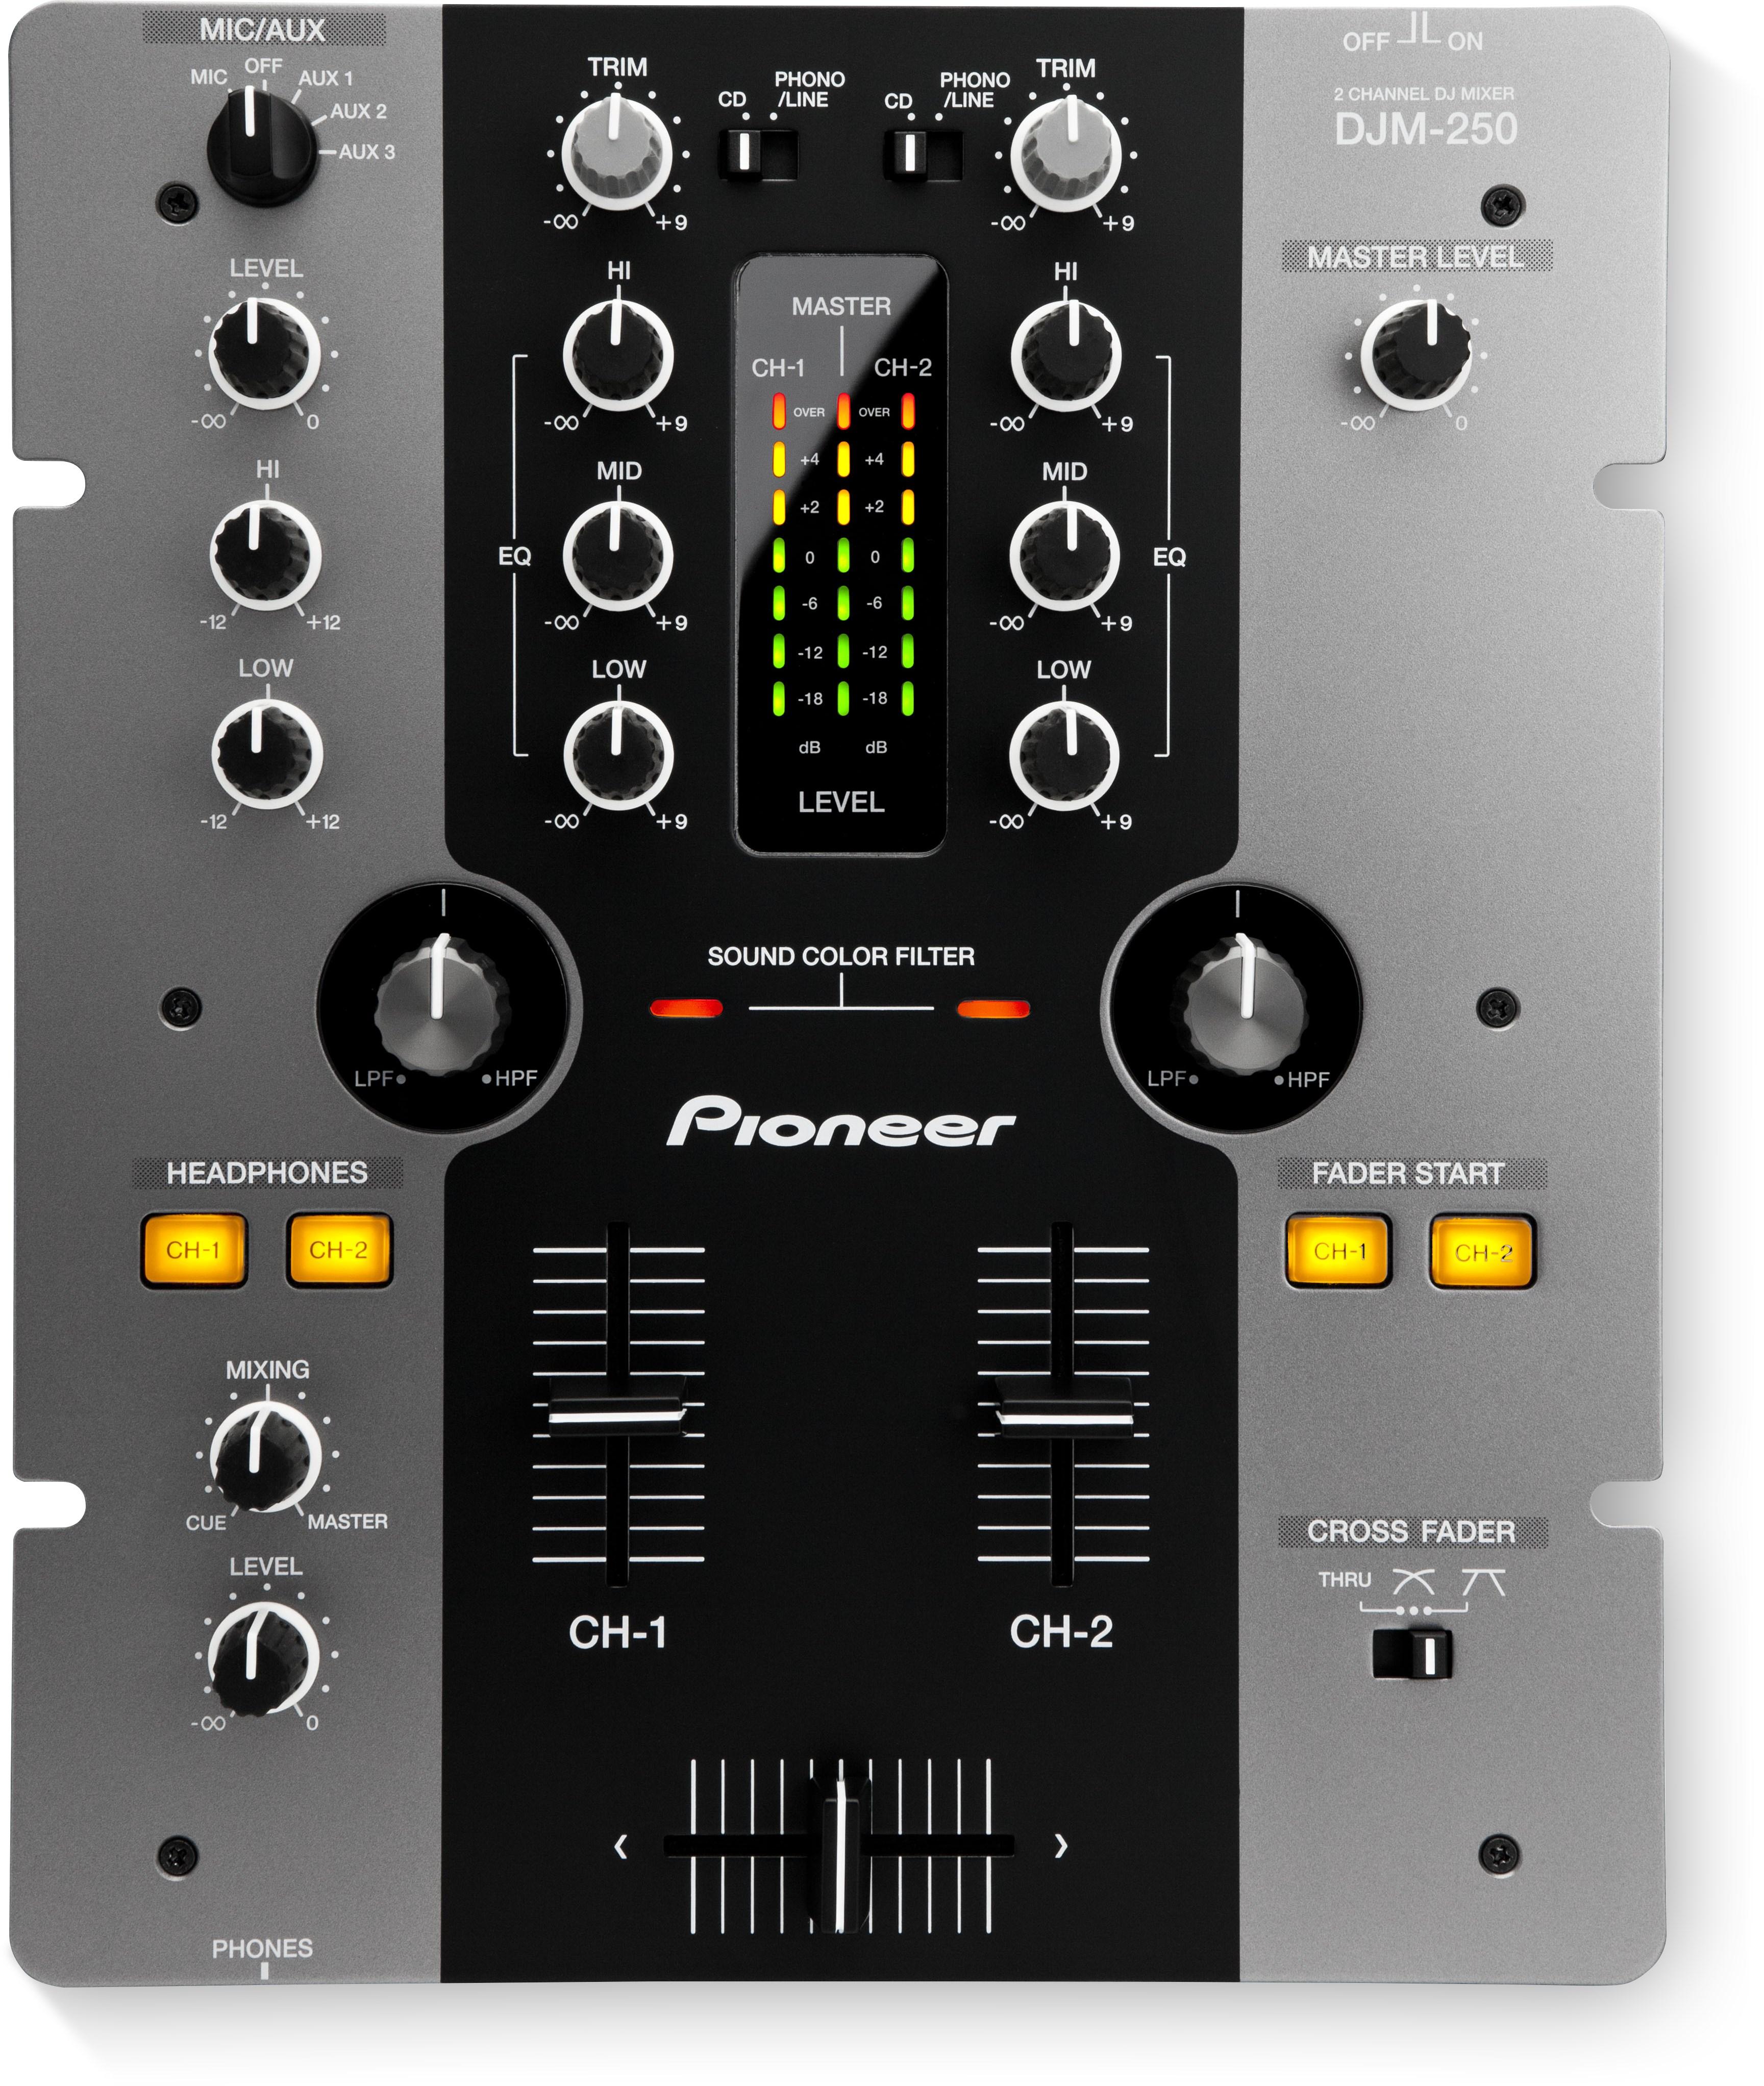 DJM-250